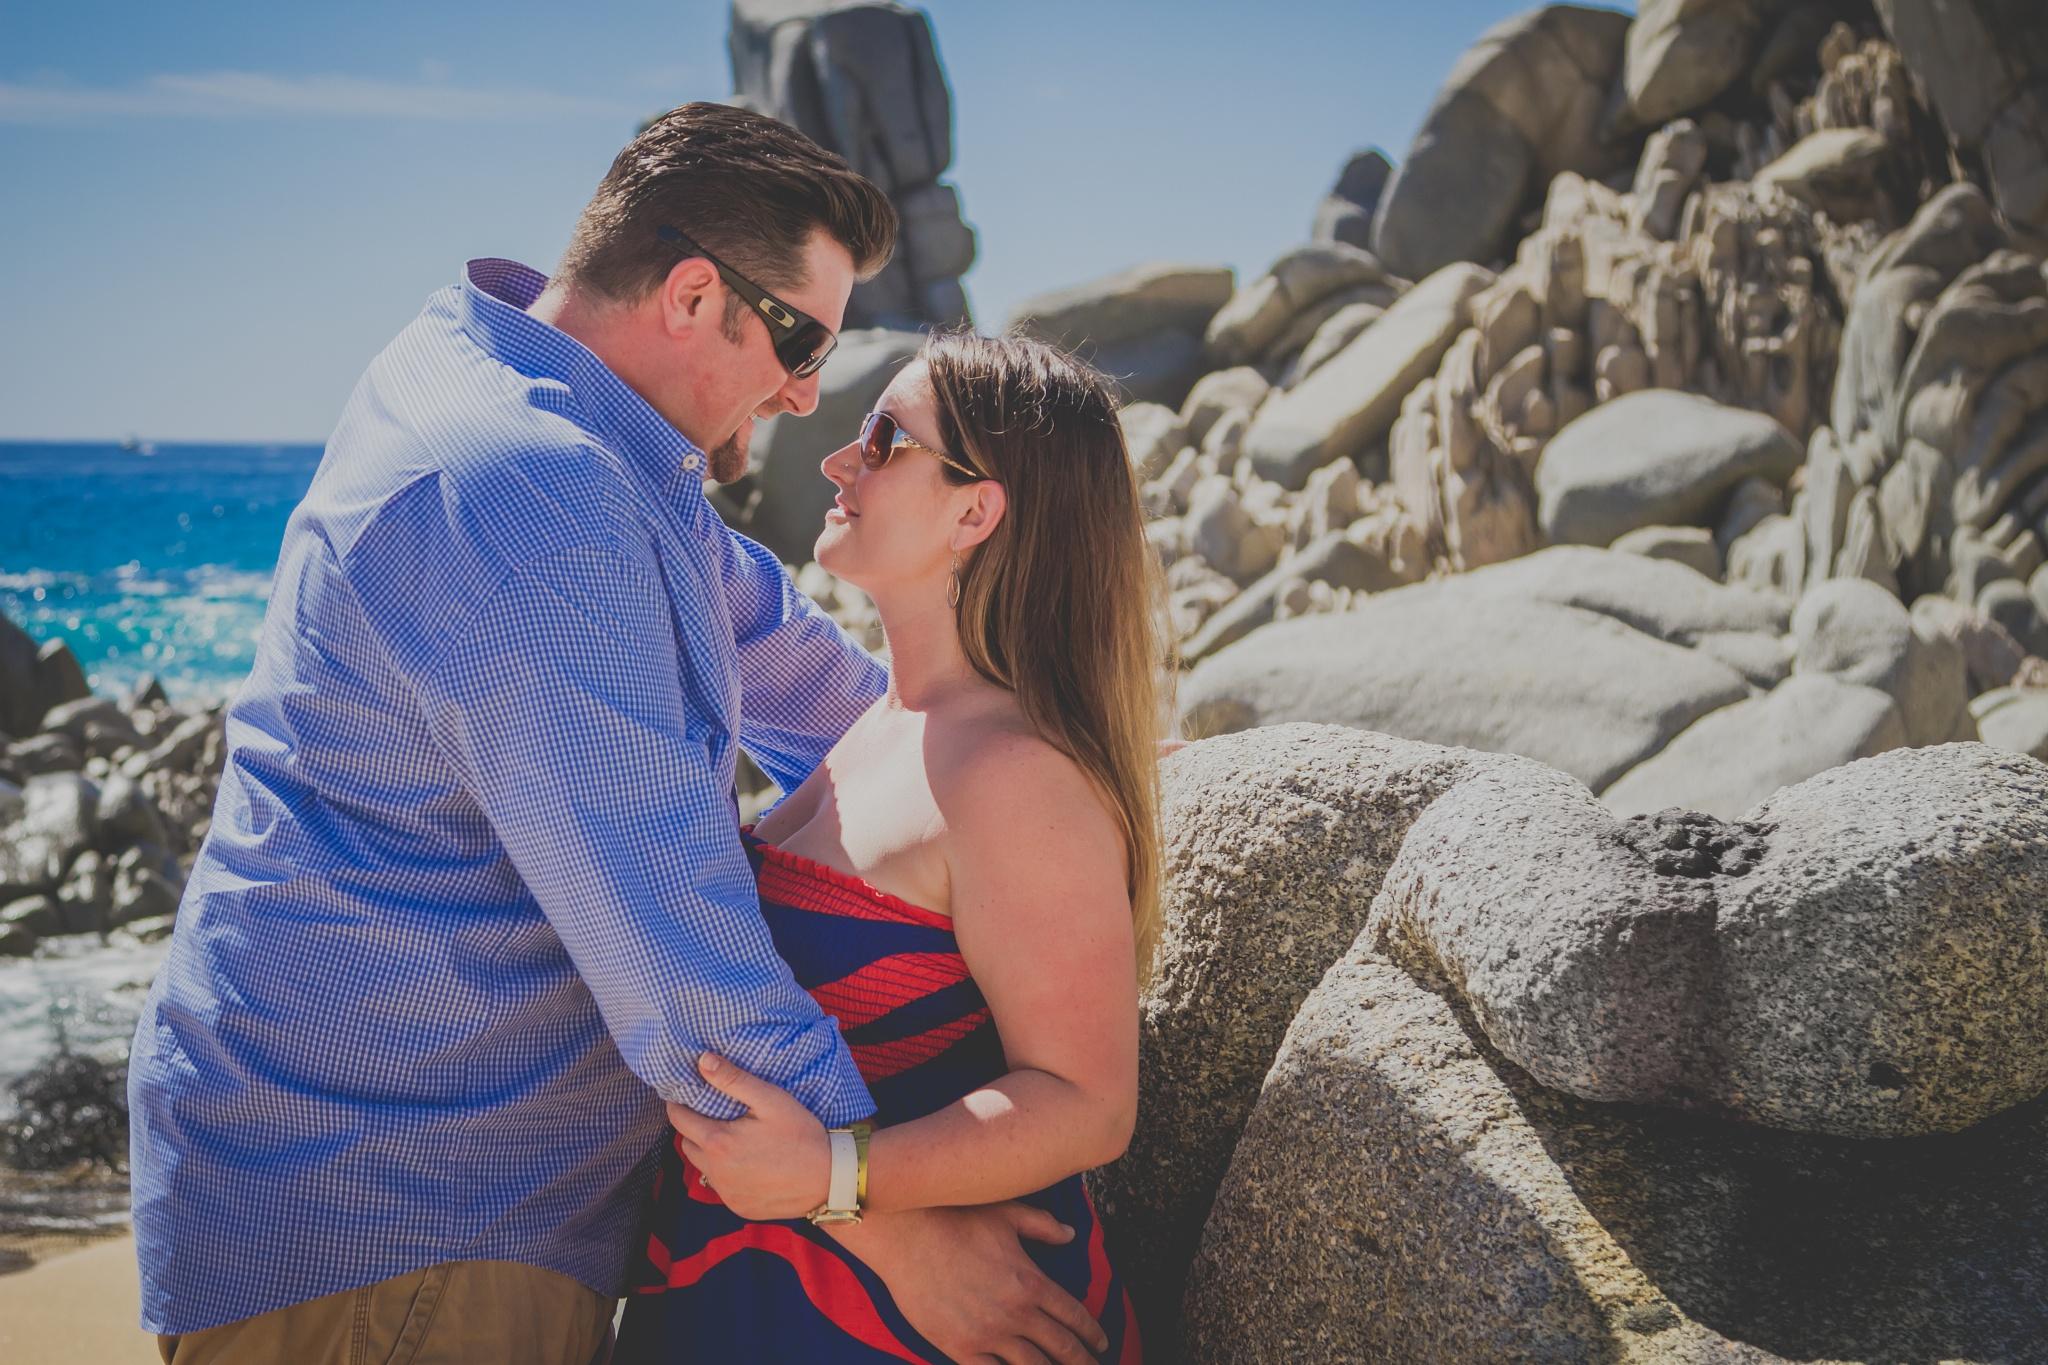 Newlyweds! by cardenas06